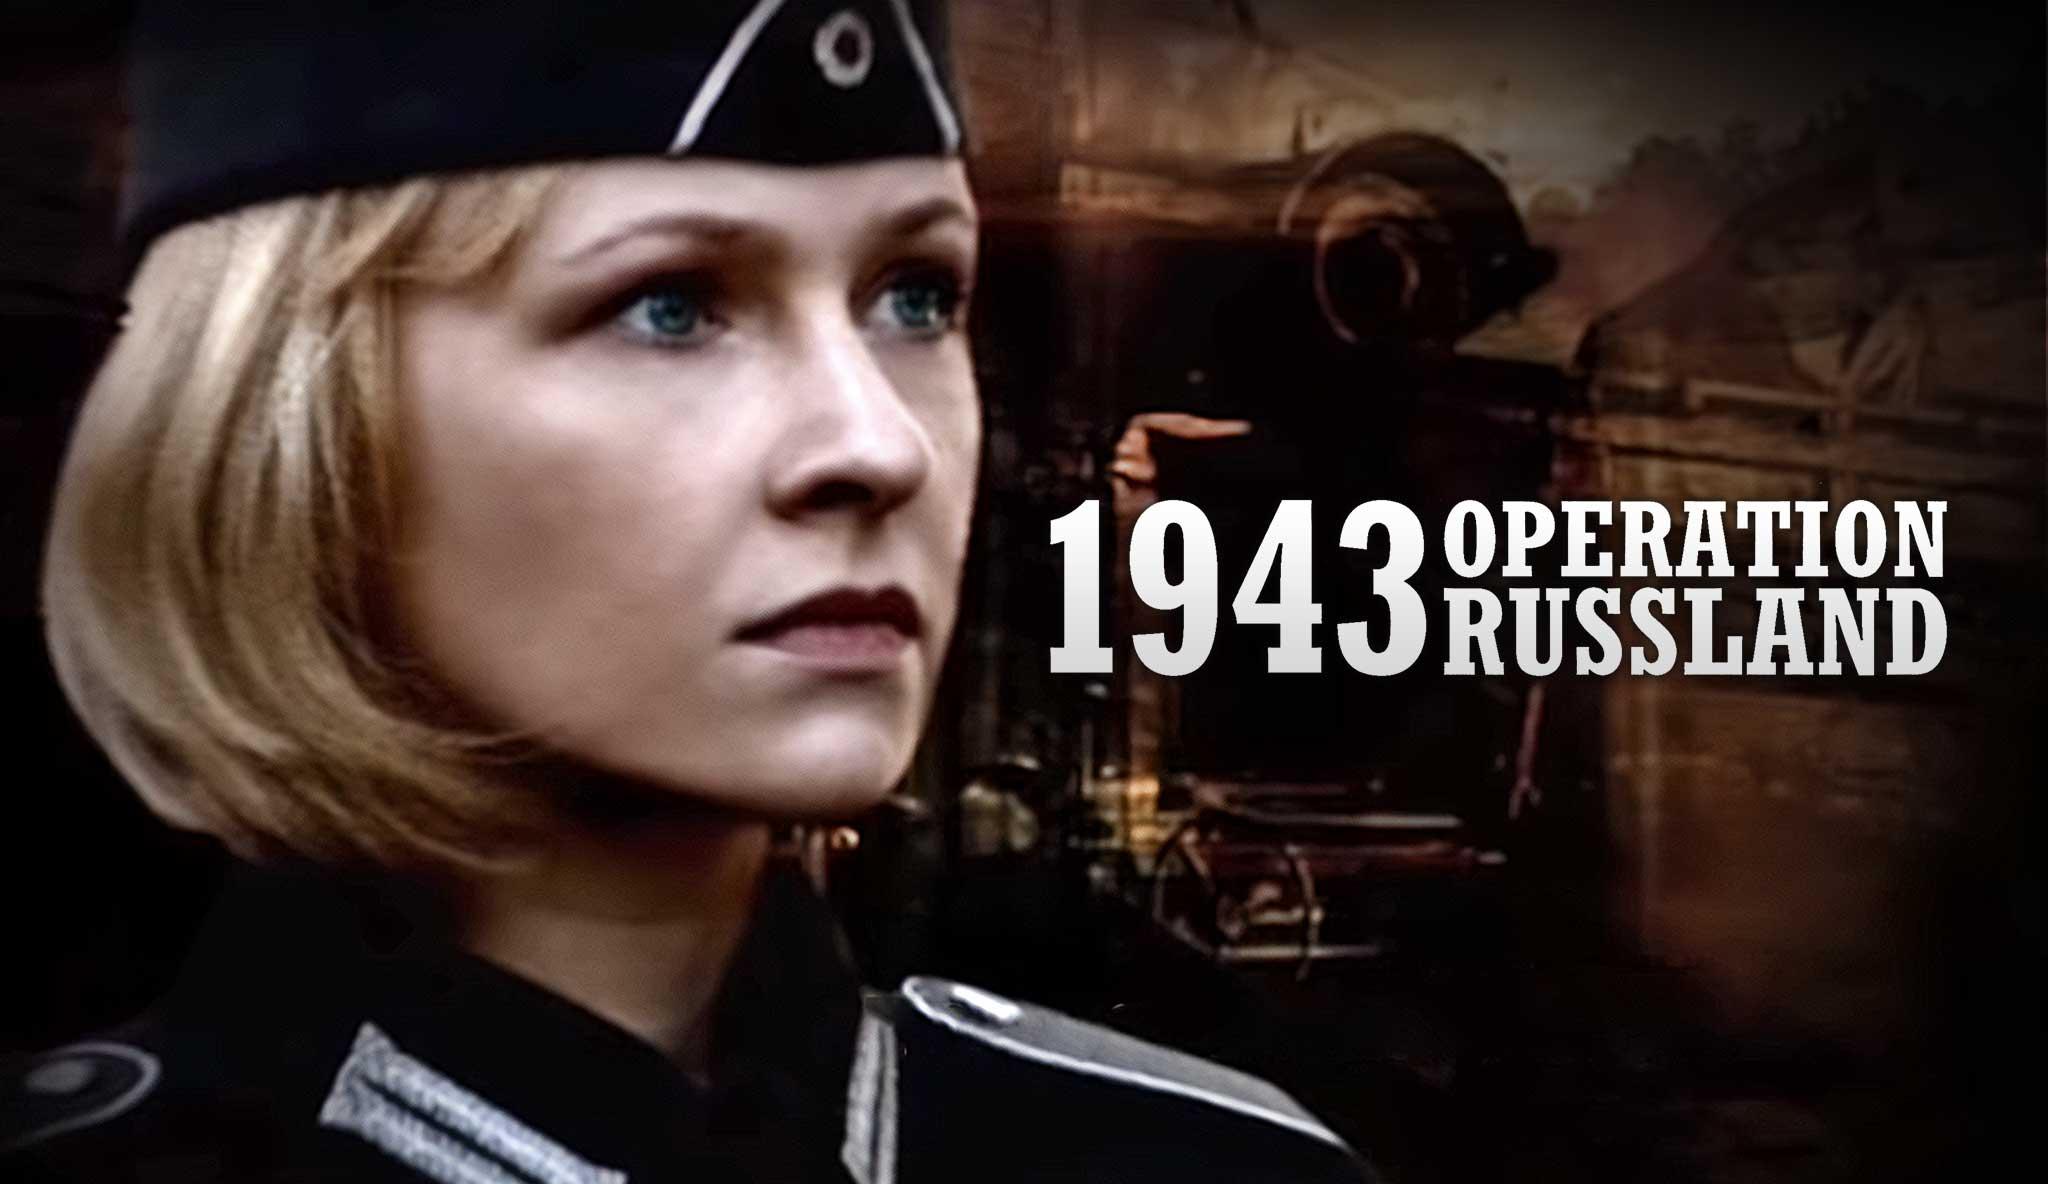 1943-operation-russland\header.jpg